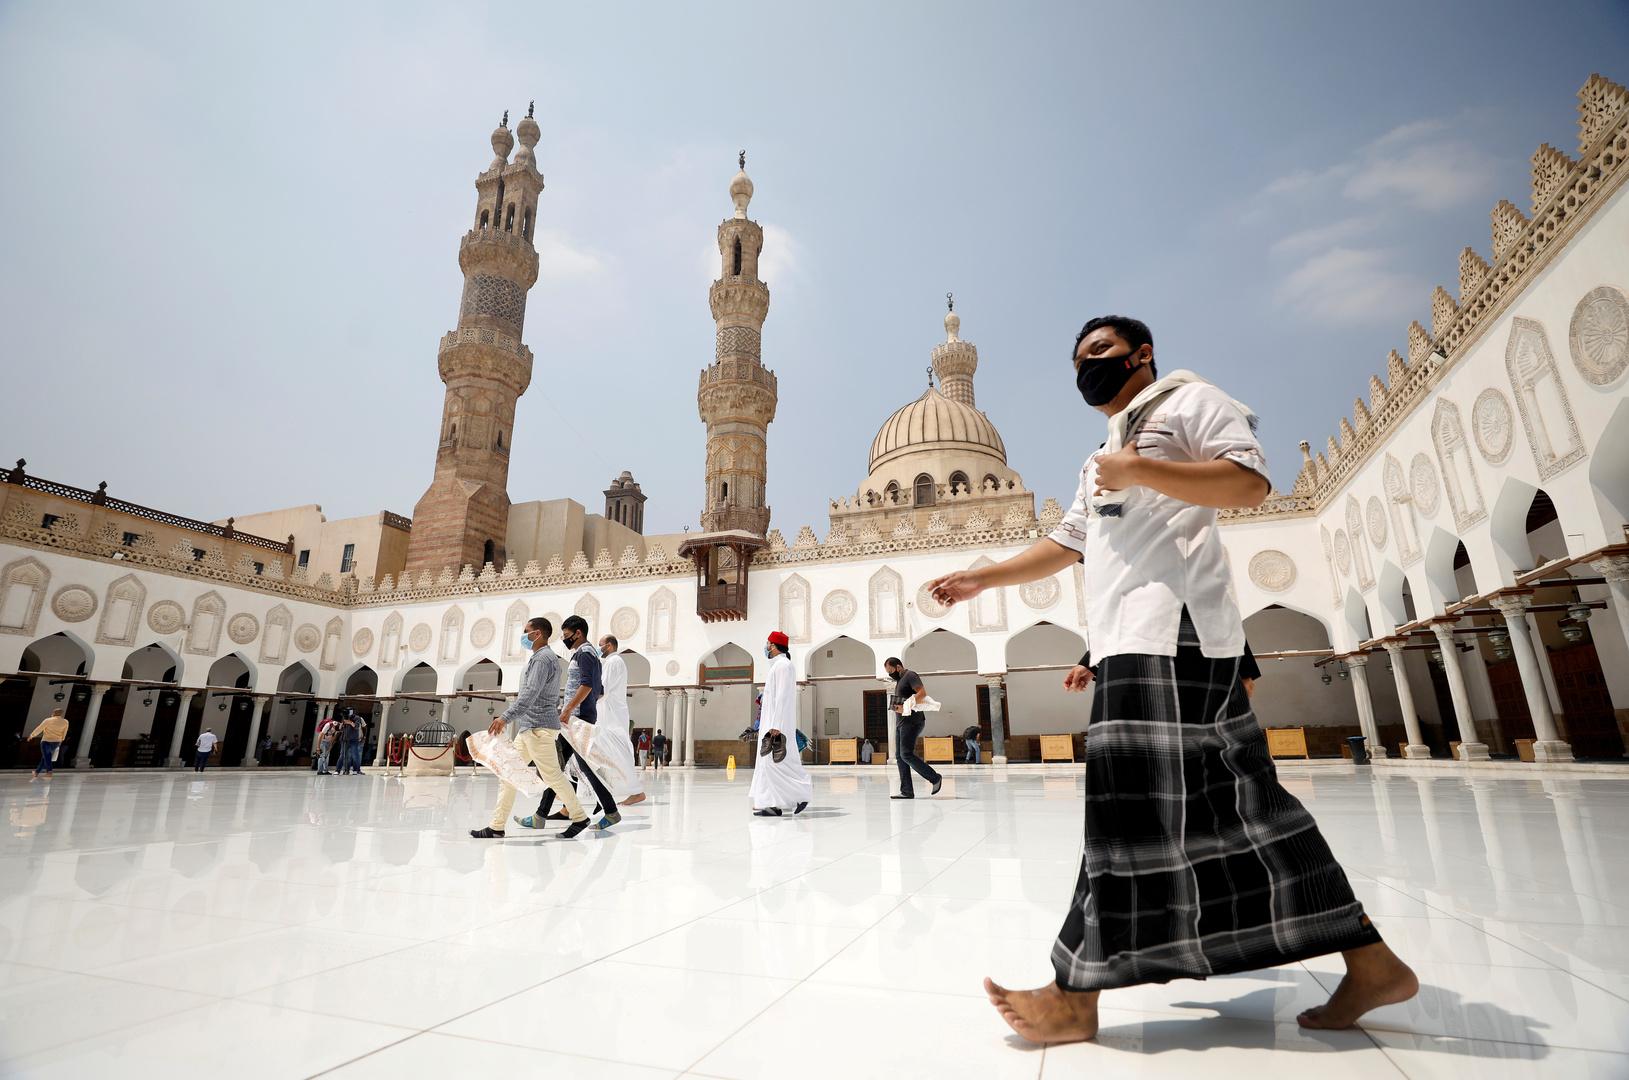 دار الإفتاء المصرية تسأل وتجيب: هل الحب حرام في كل الأحوال؟